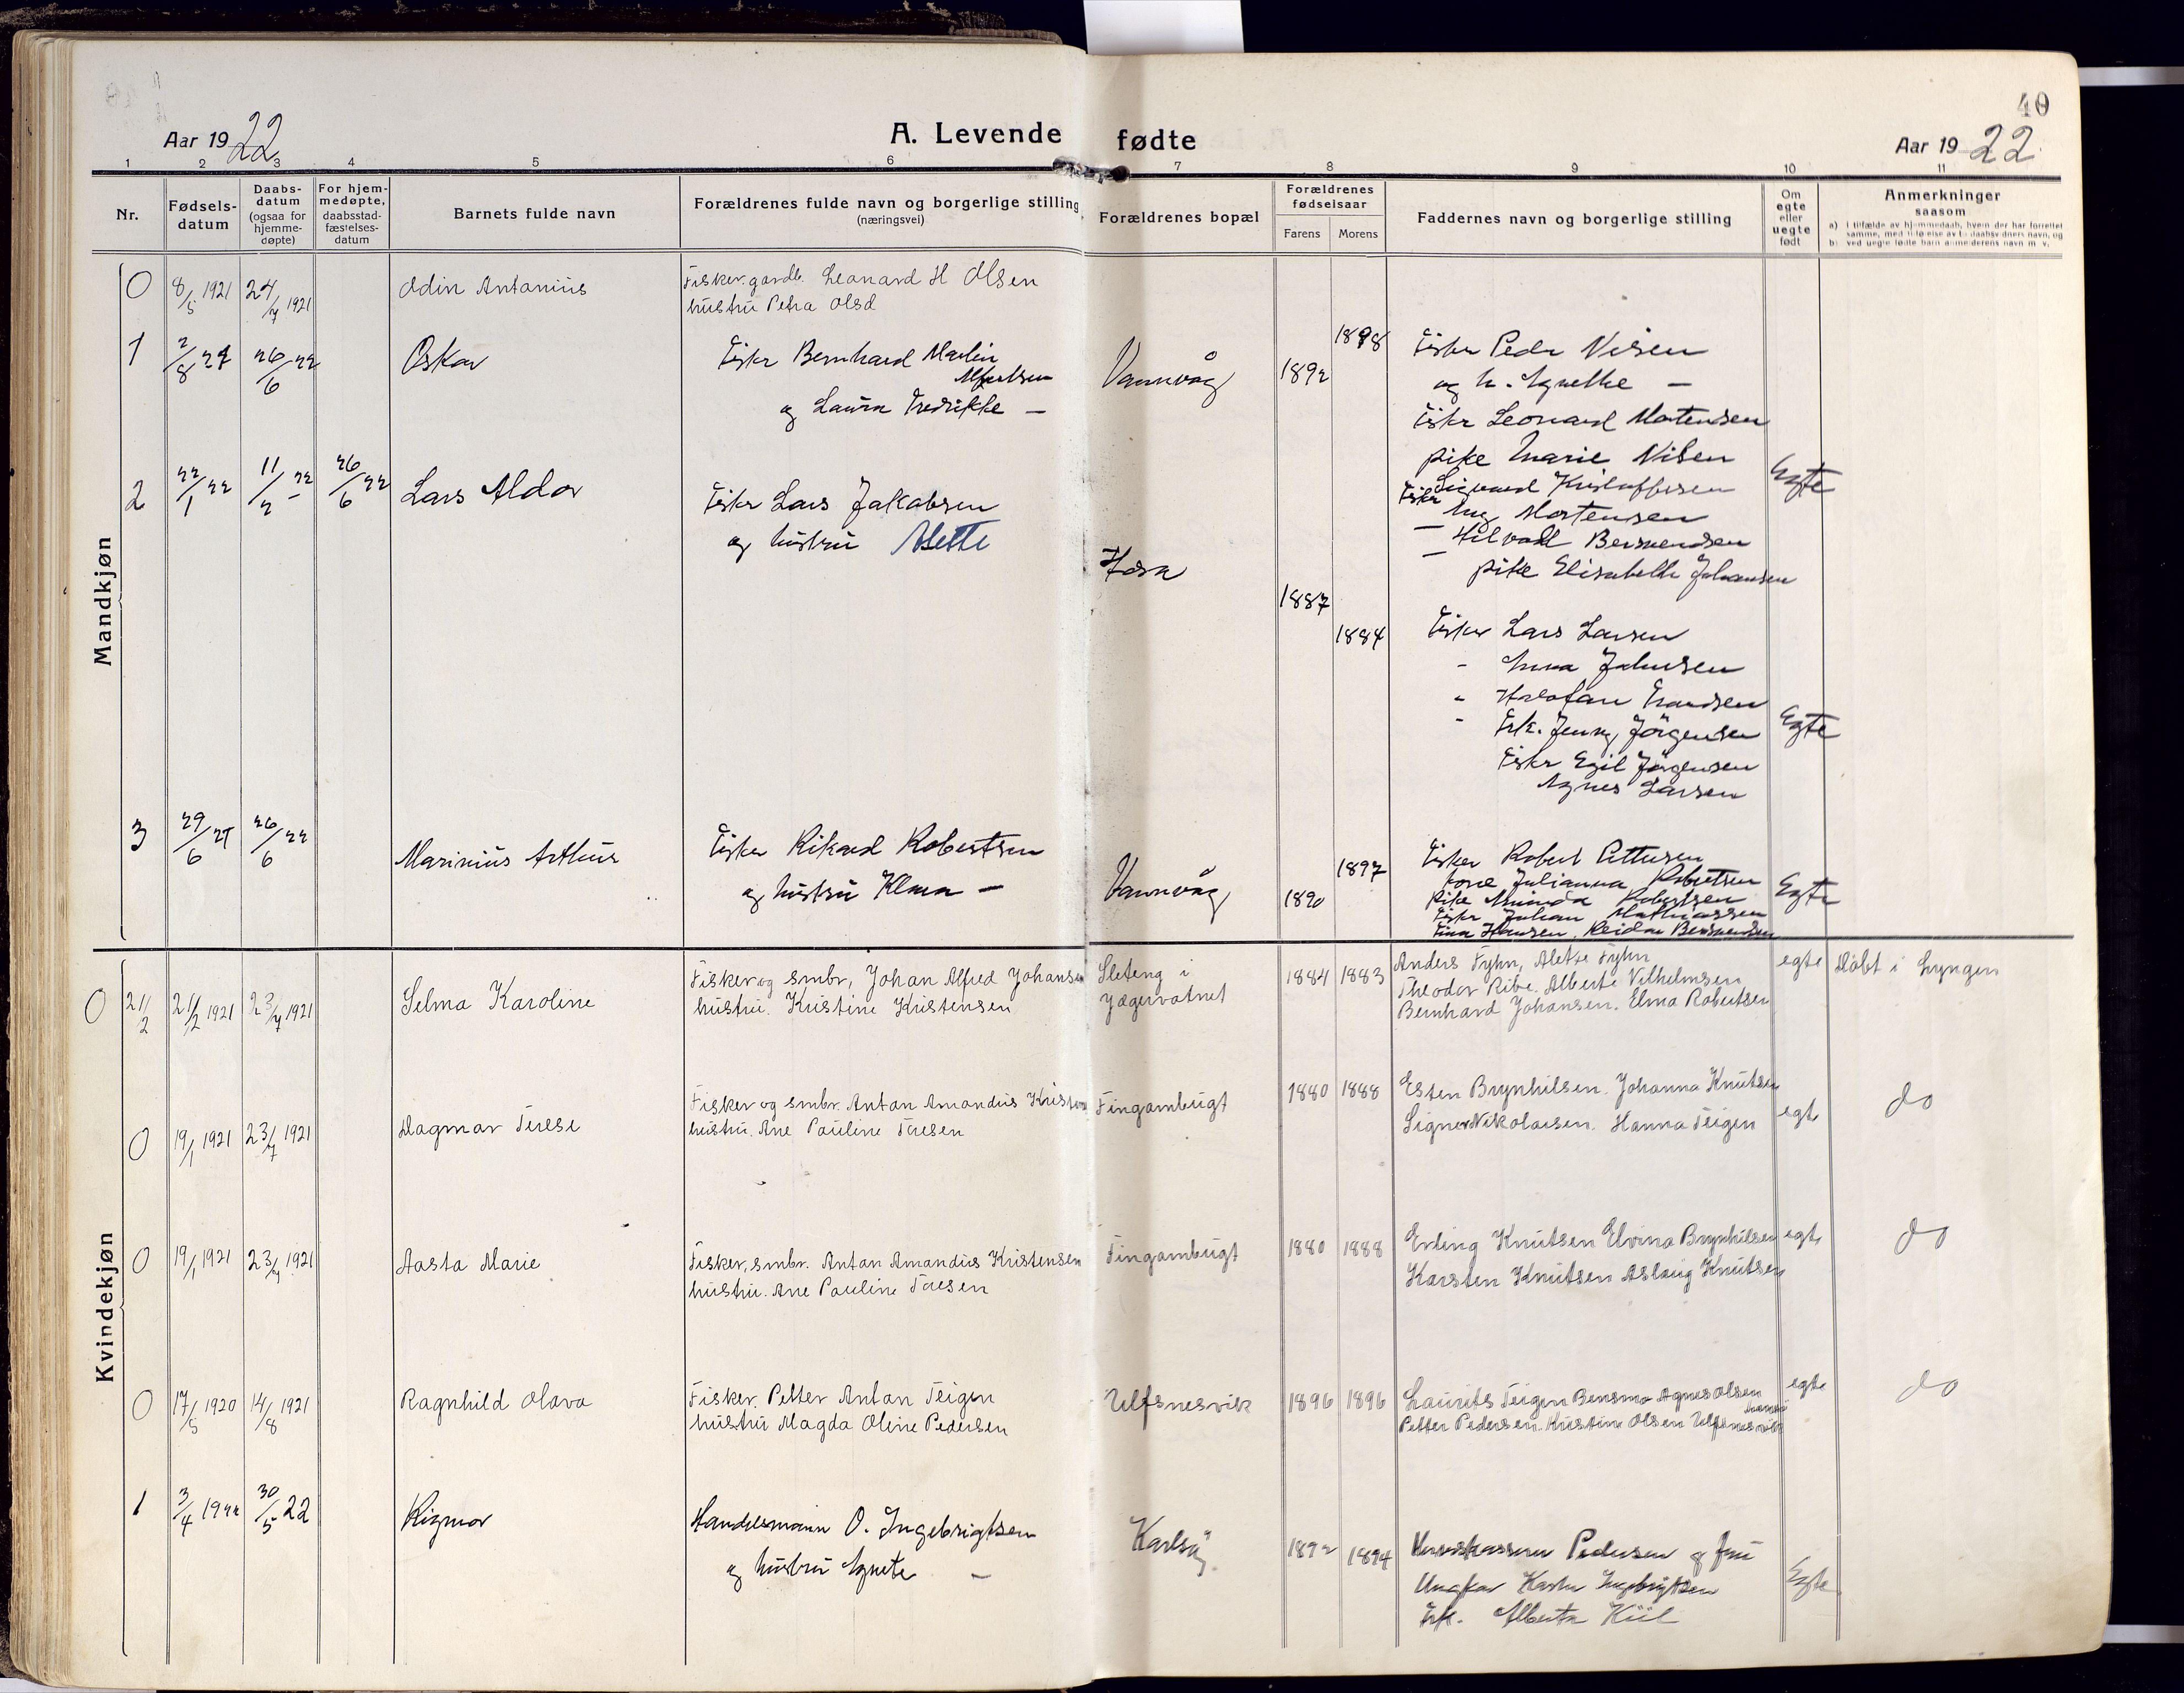 SATØ, Karlsøy sokneprestembete, Ministerialbok nr. 15, 1918-1929, s. 40